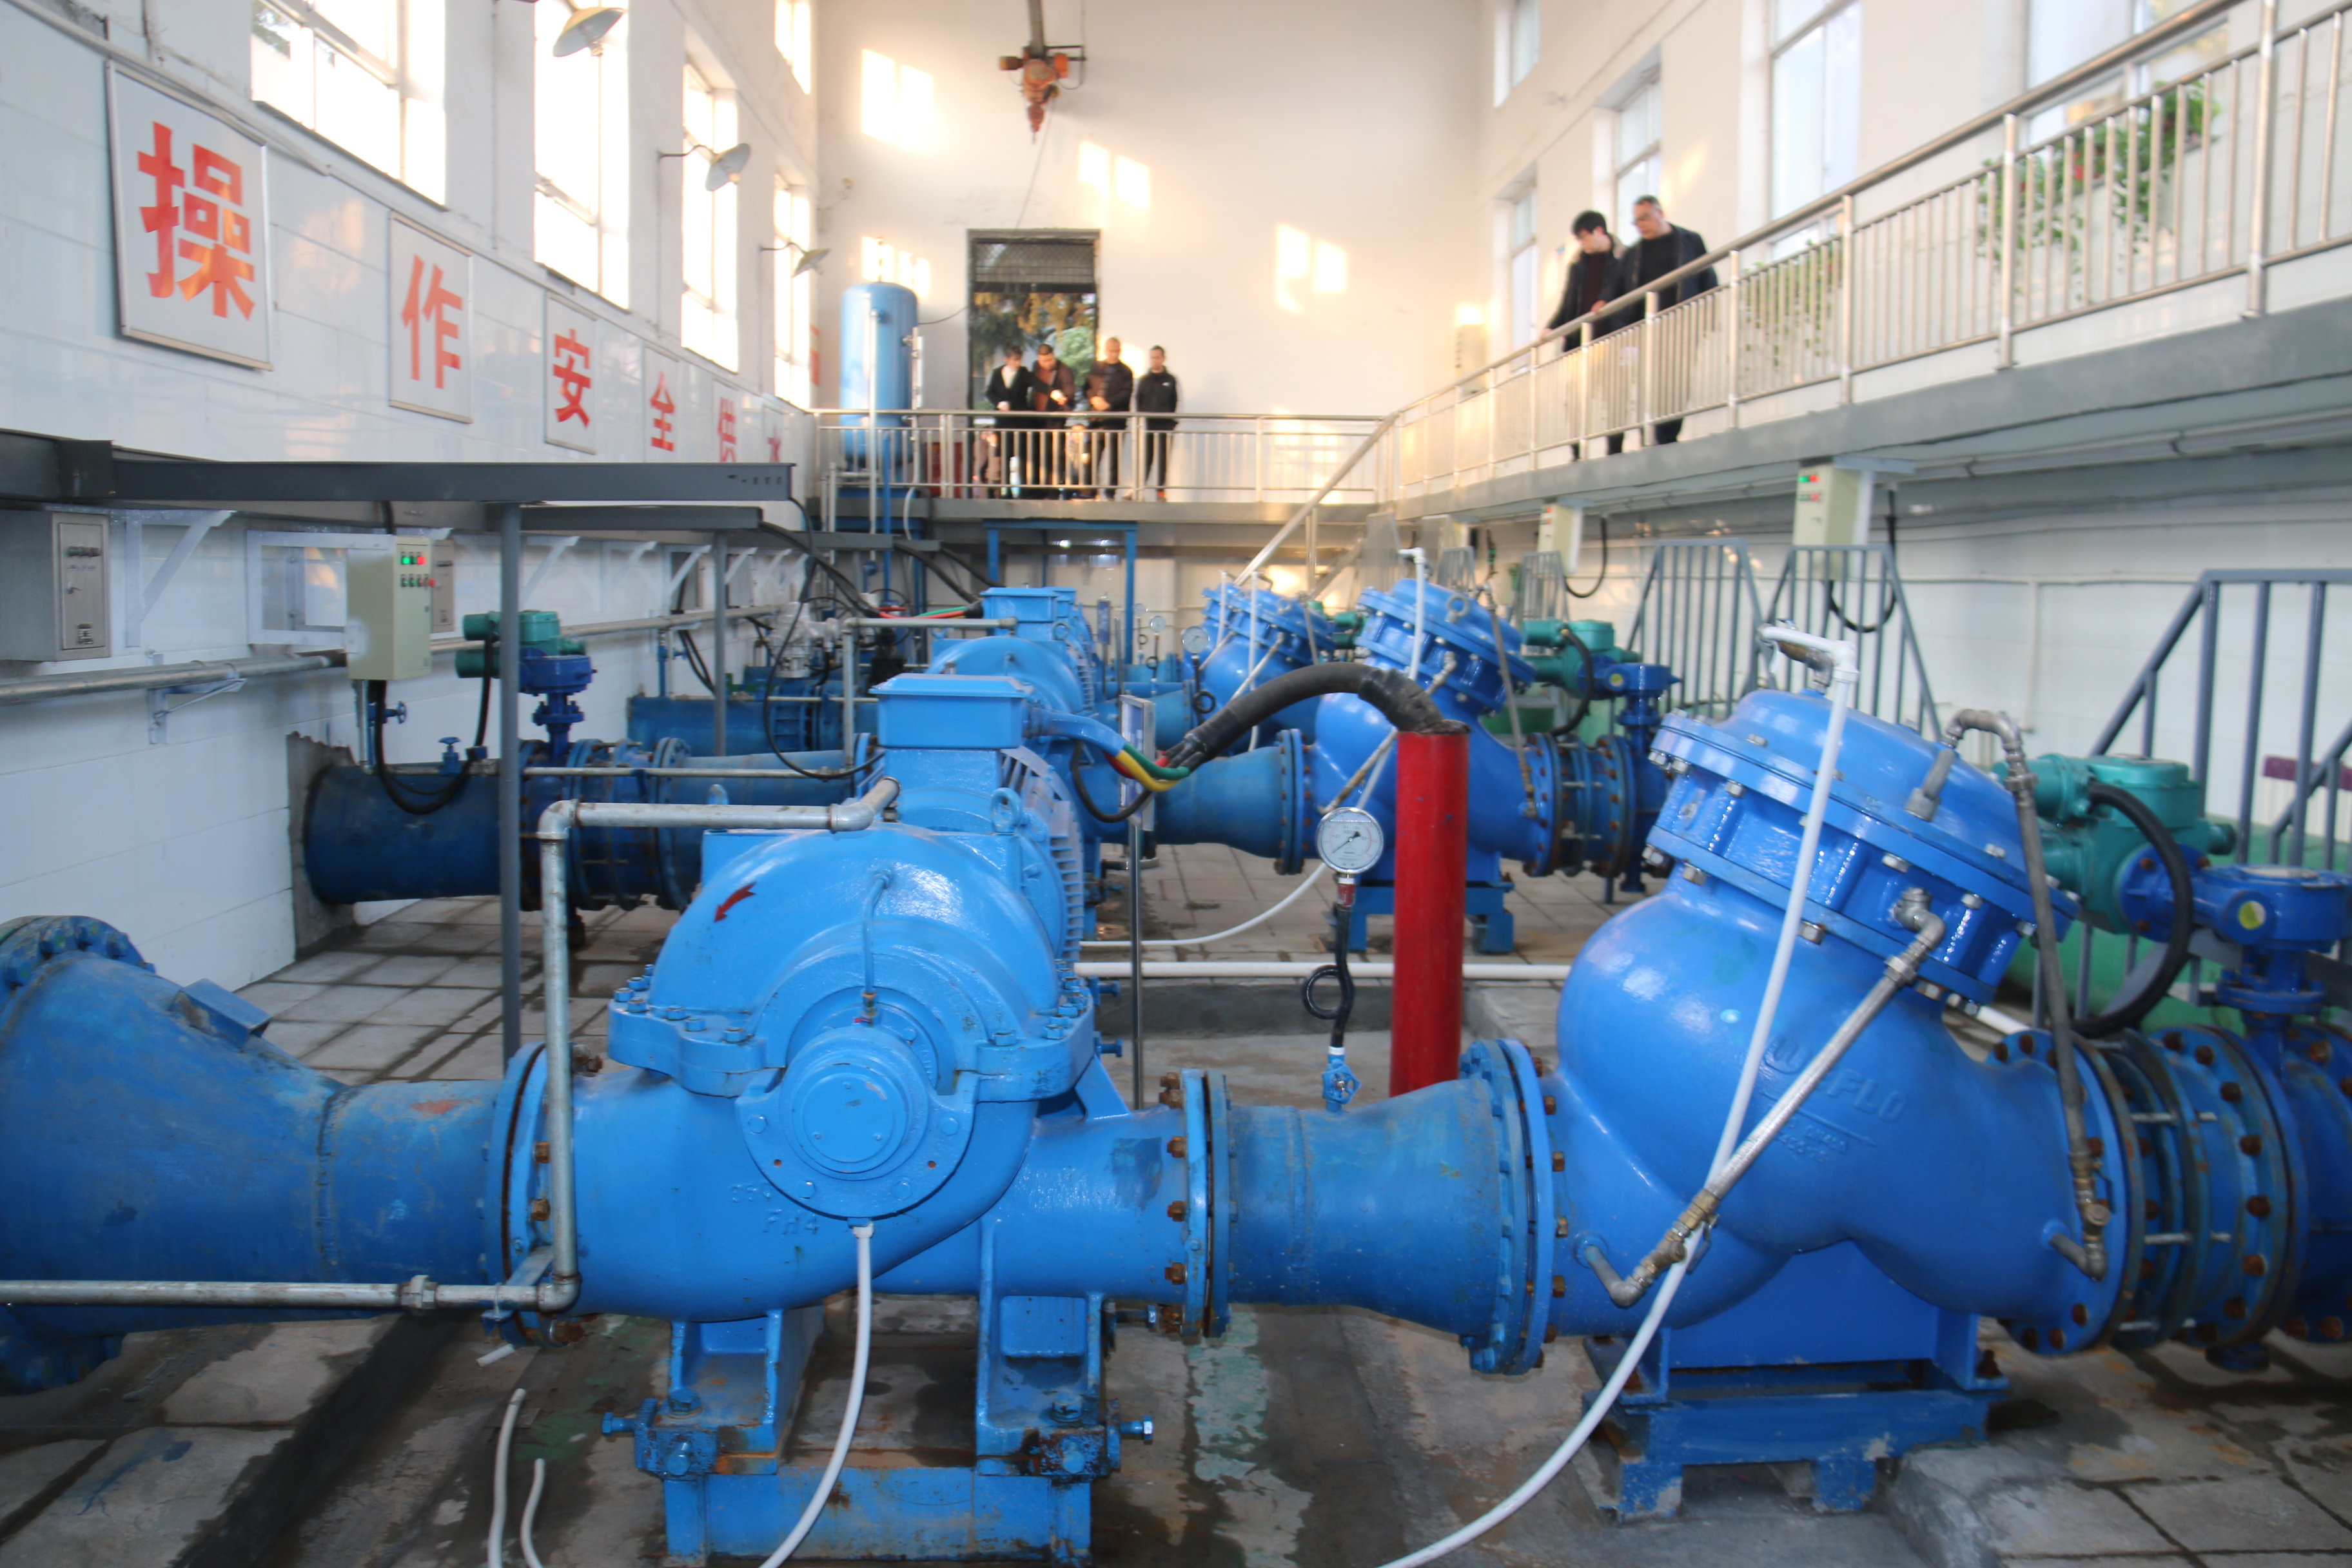 韩城水务公司多措施增加供水效益全年售水量达3058万方